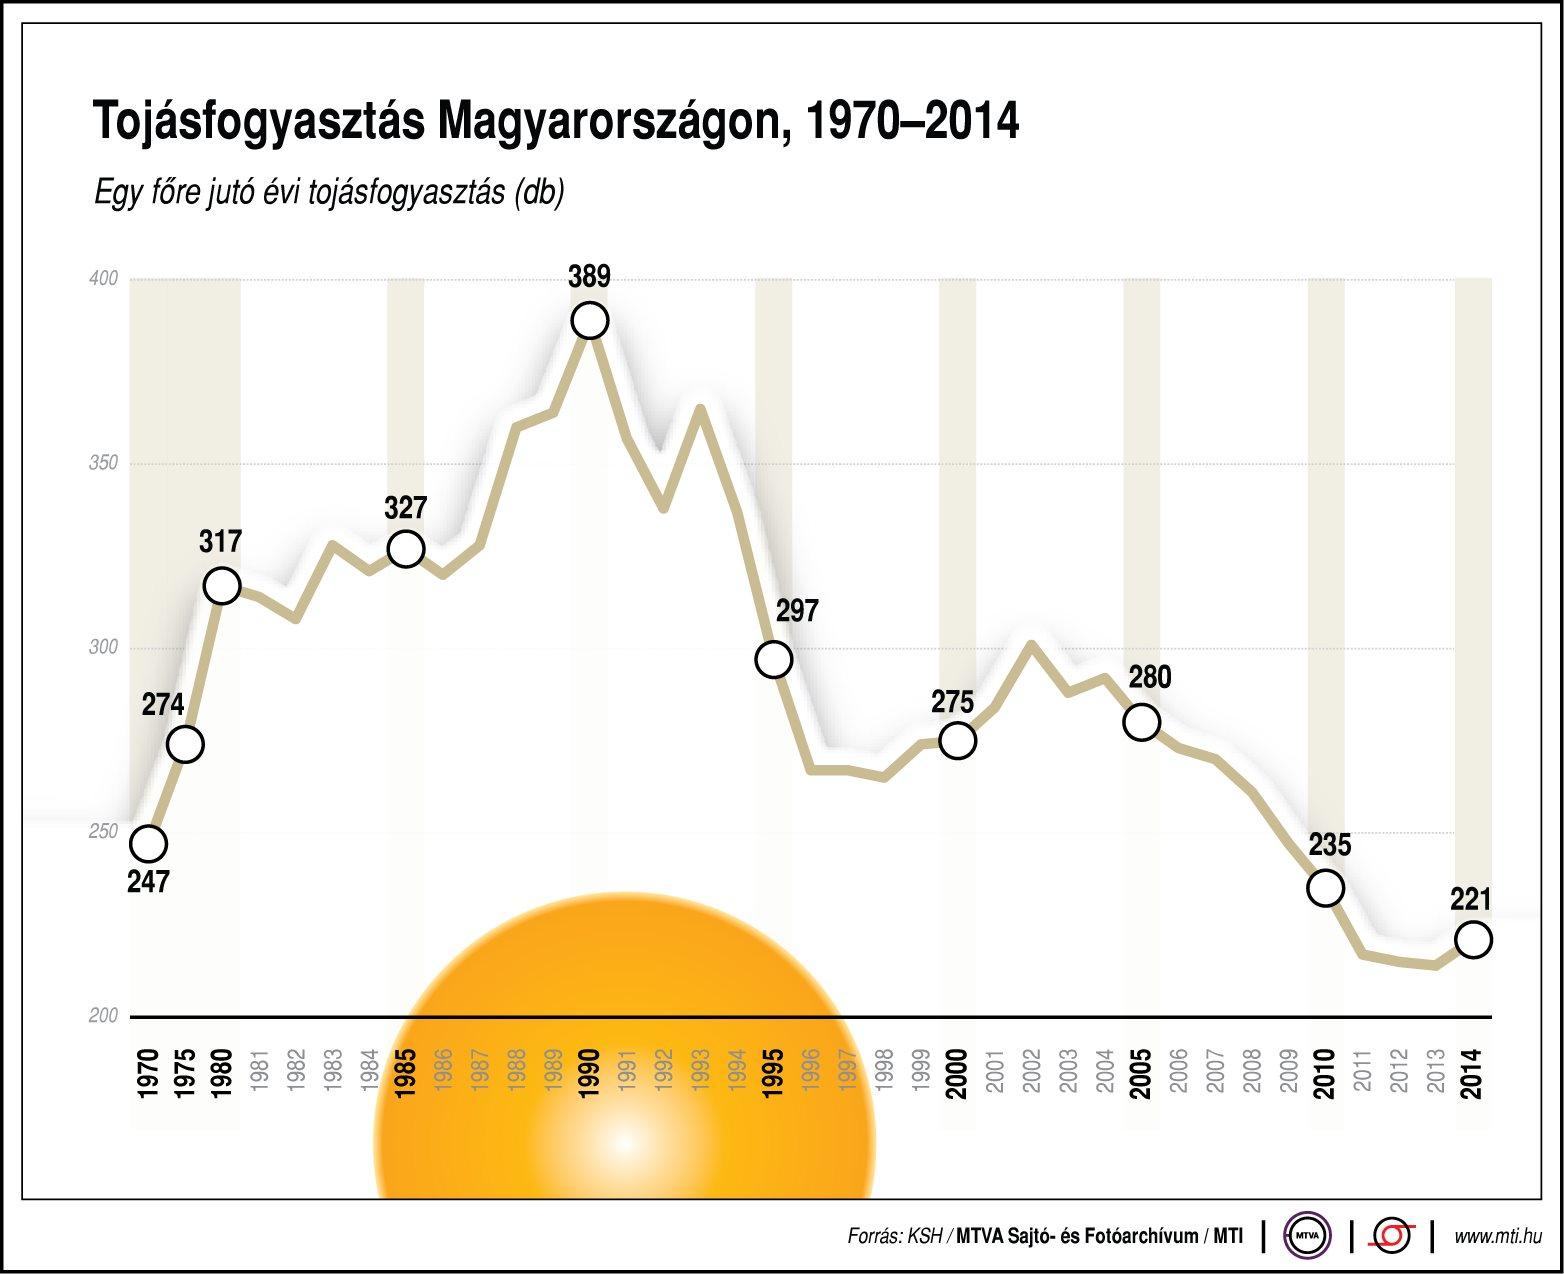 Drasztikusan csökkent tojásfogyasztás Magyarországon